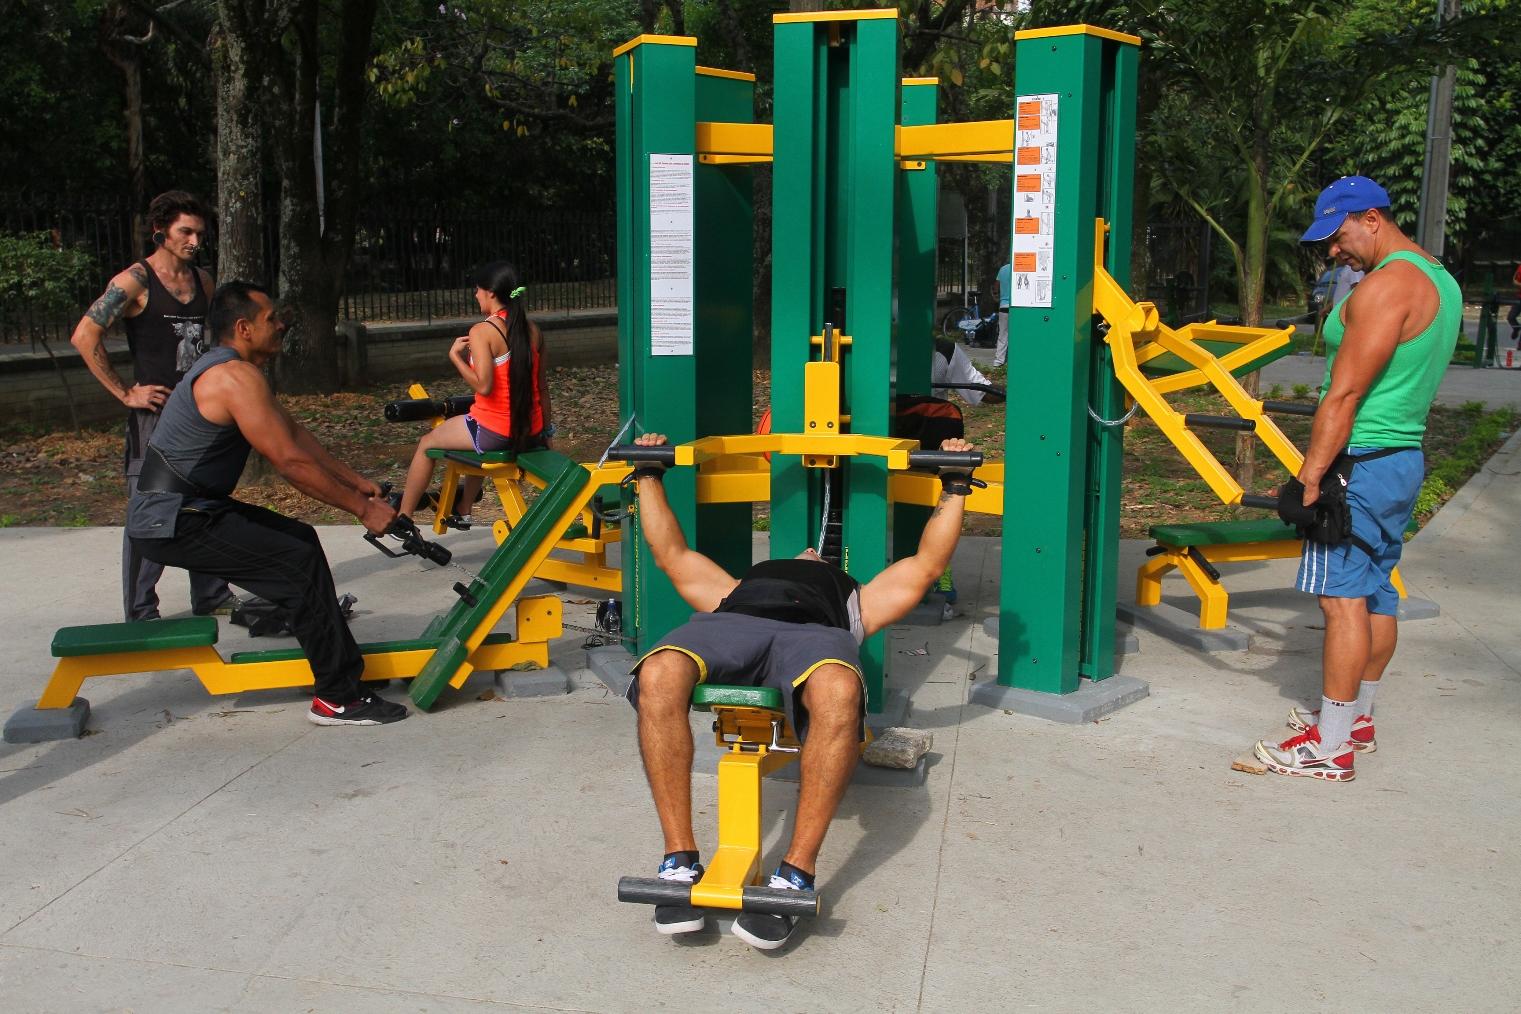 gay haciendo ejercicio en columpio urbano